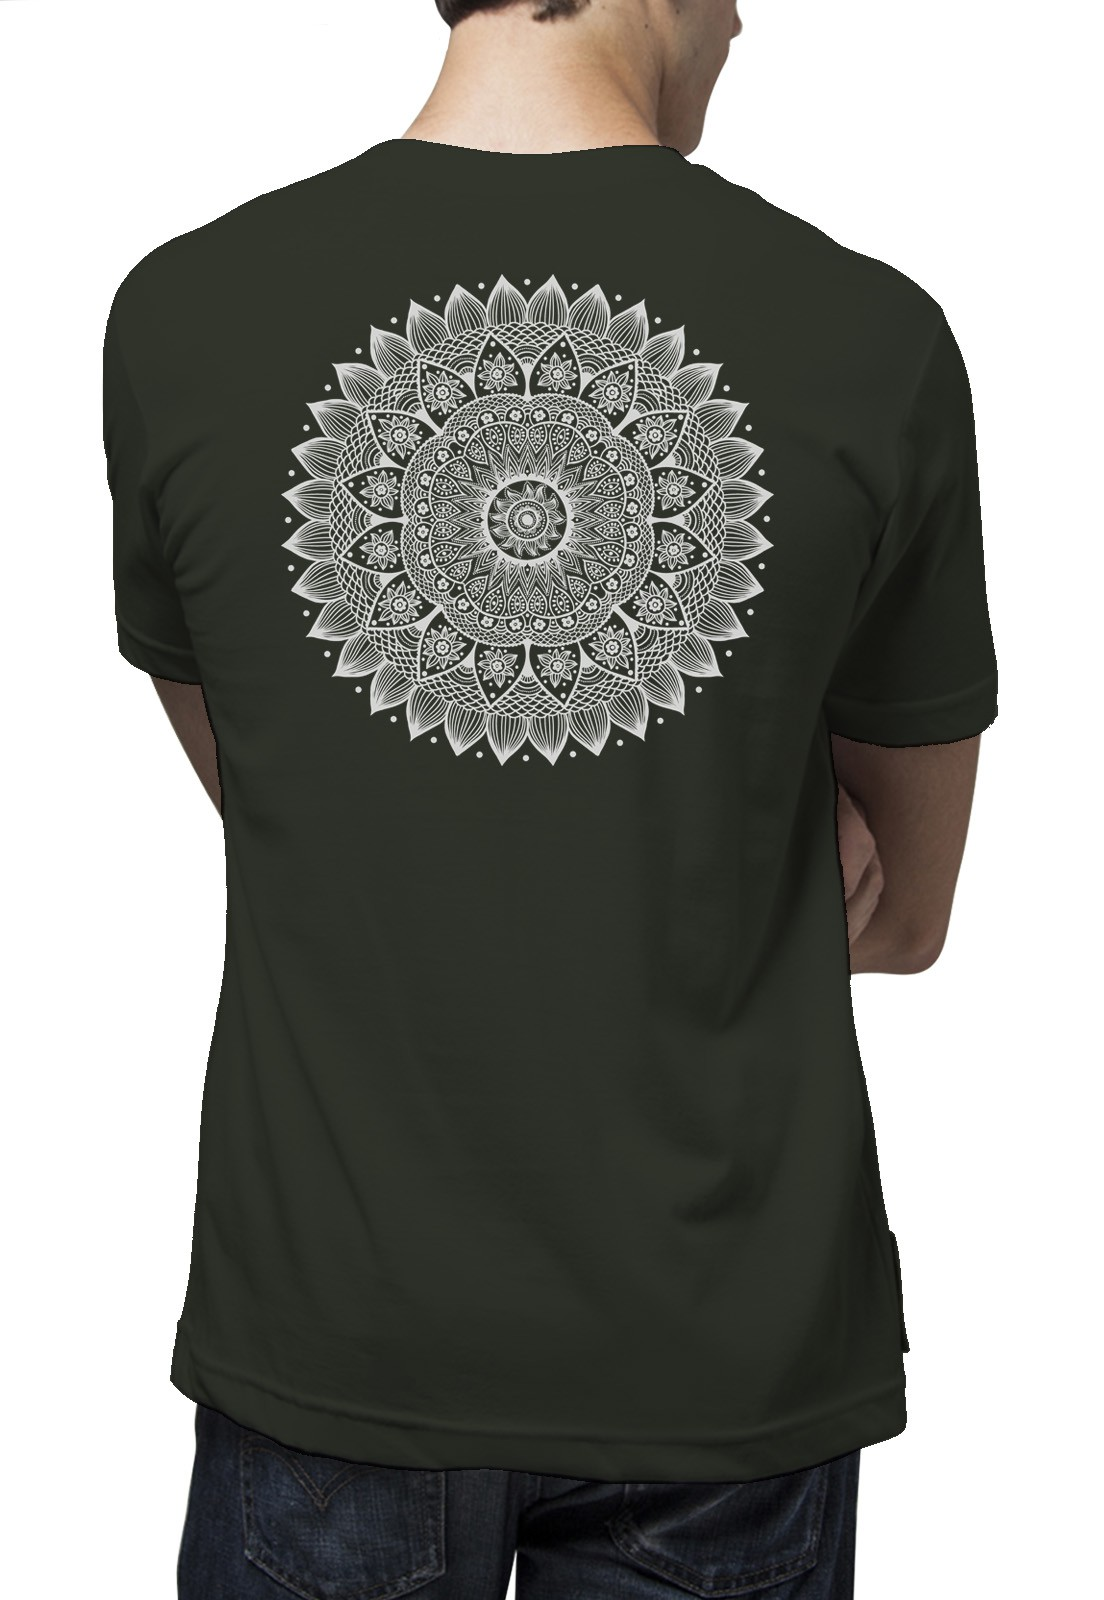 Camiseta Amazônia Mandala Girassol - Verde Escuro